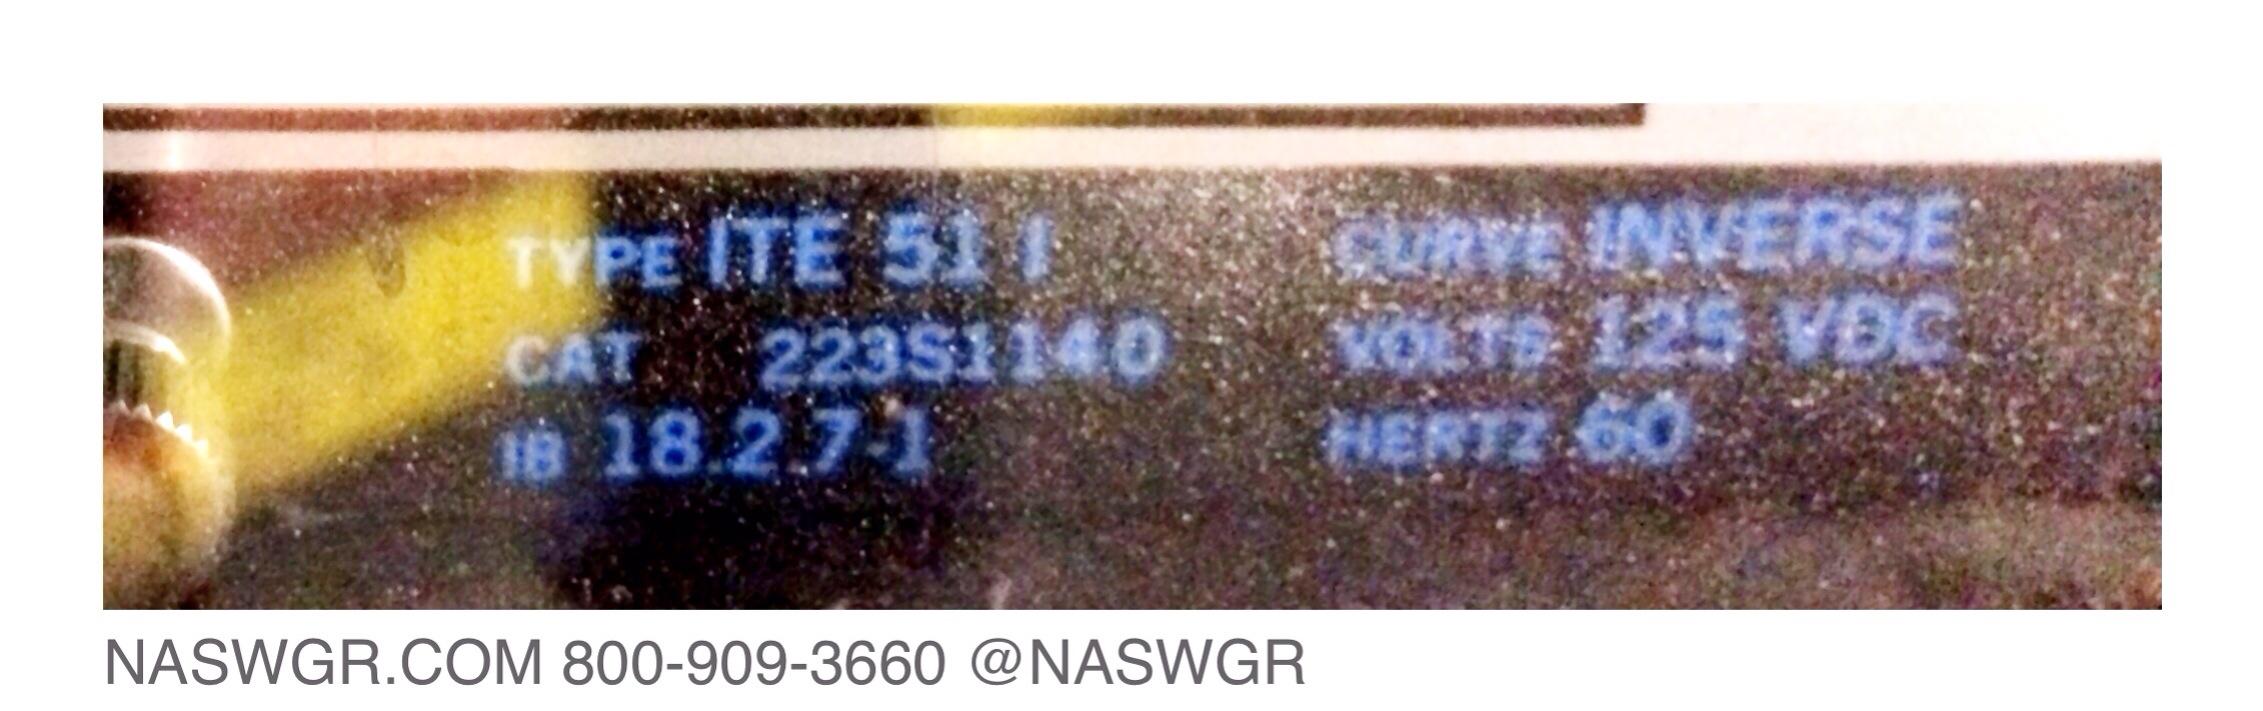 20140426-121935.jpg